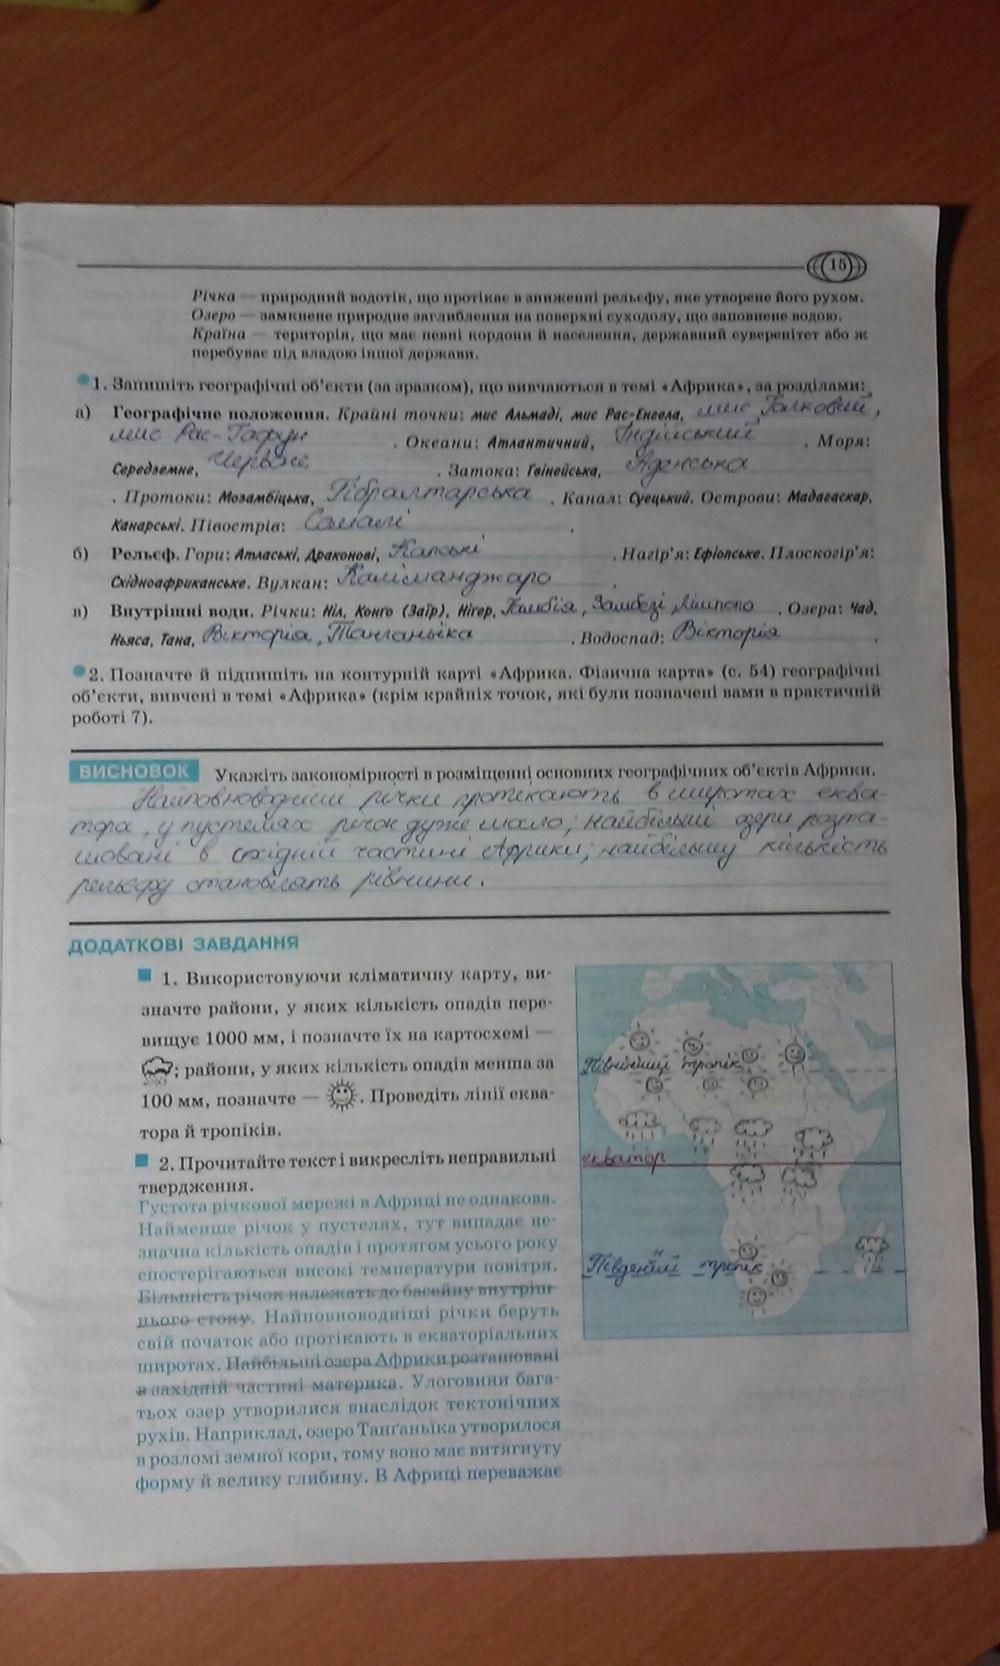 ГДЗ відповіді робочий зошит по географии 7 класс О.Г. Стадник. Задание: стр. 15